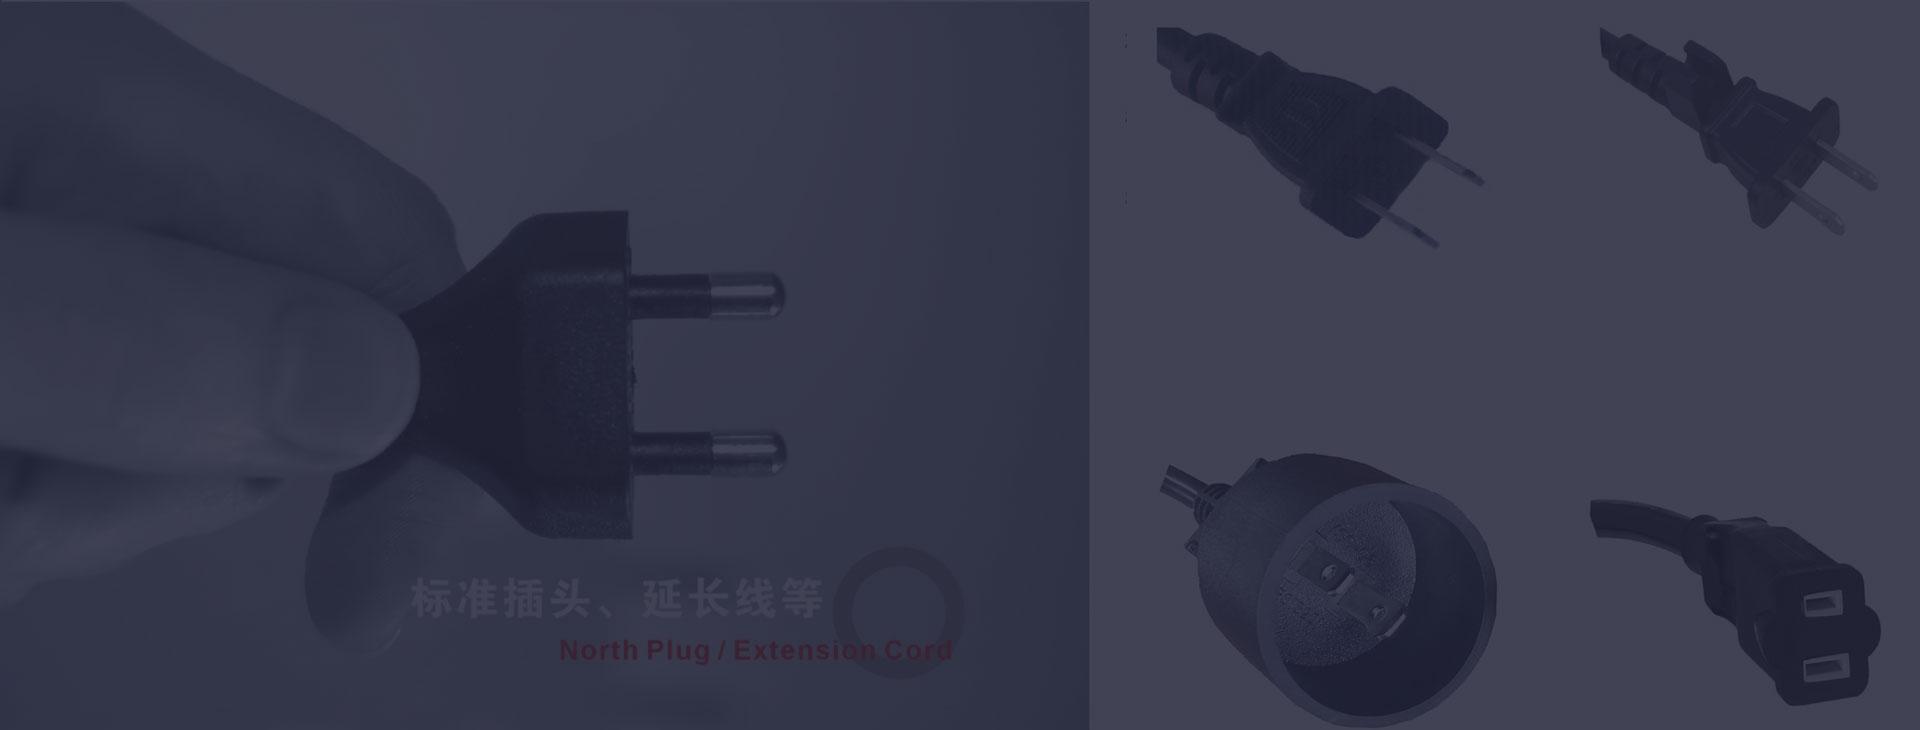 生产美标插头电线,欧式插头电线,中国插头电线,机内连接线,南非插头电源线,UL电子线